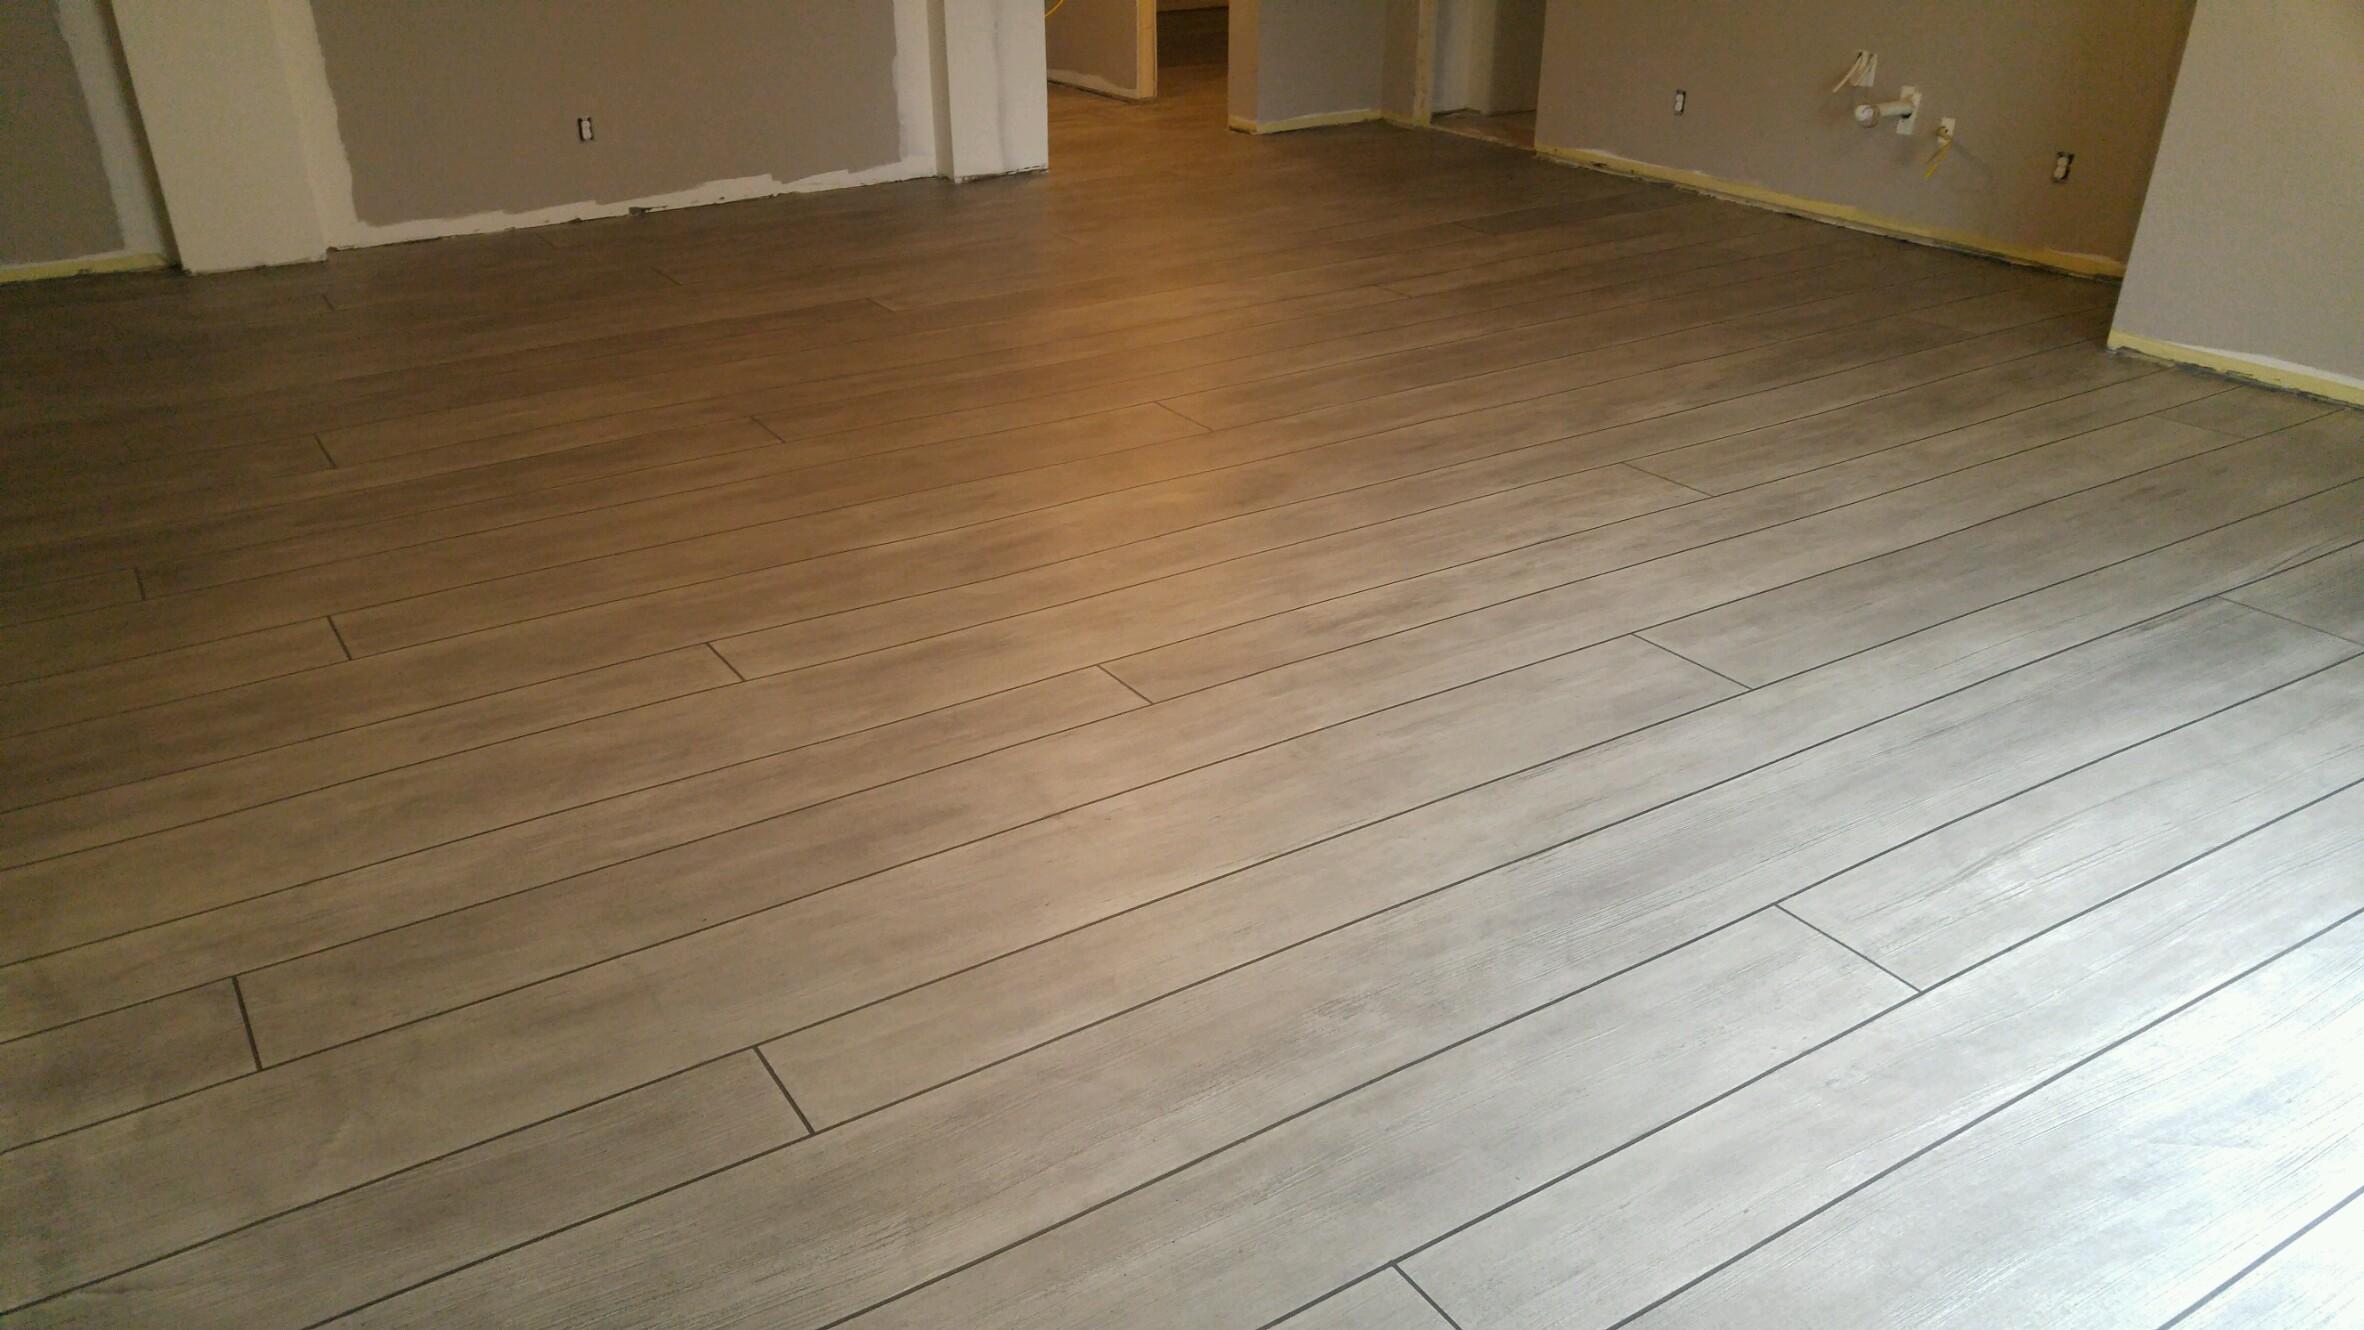 Weathered Concrete Wood Basement - Villanova, PA